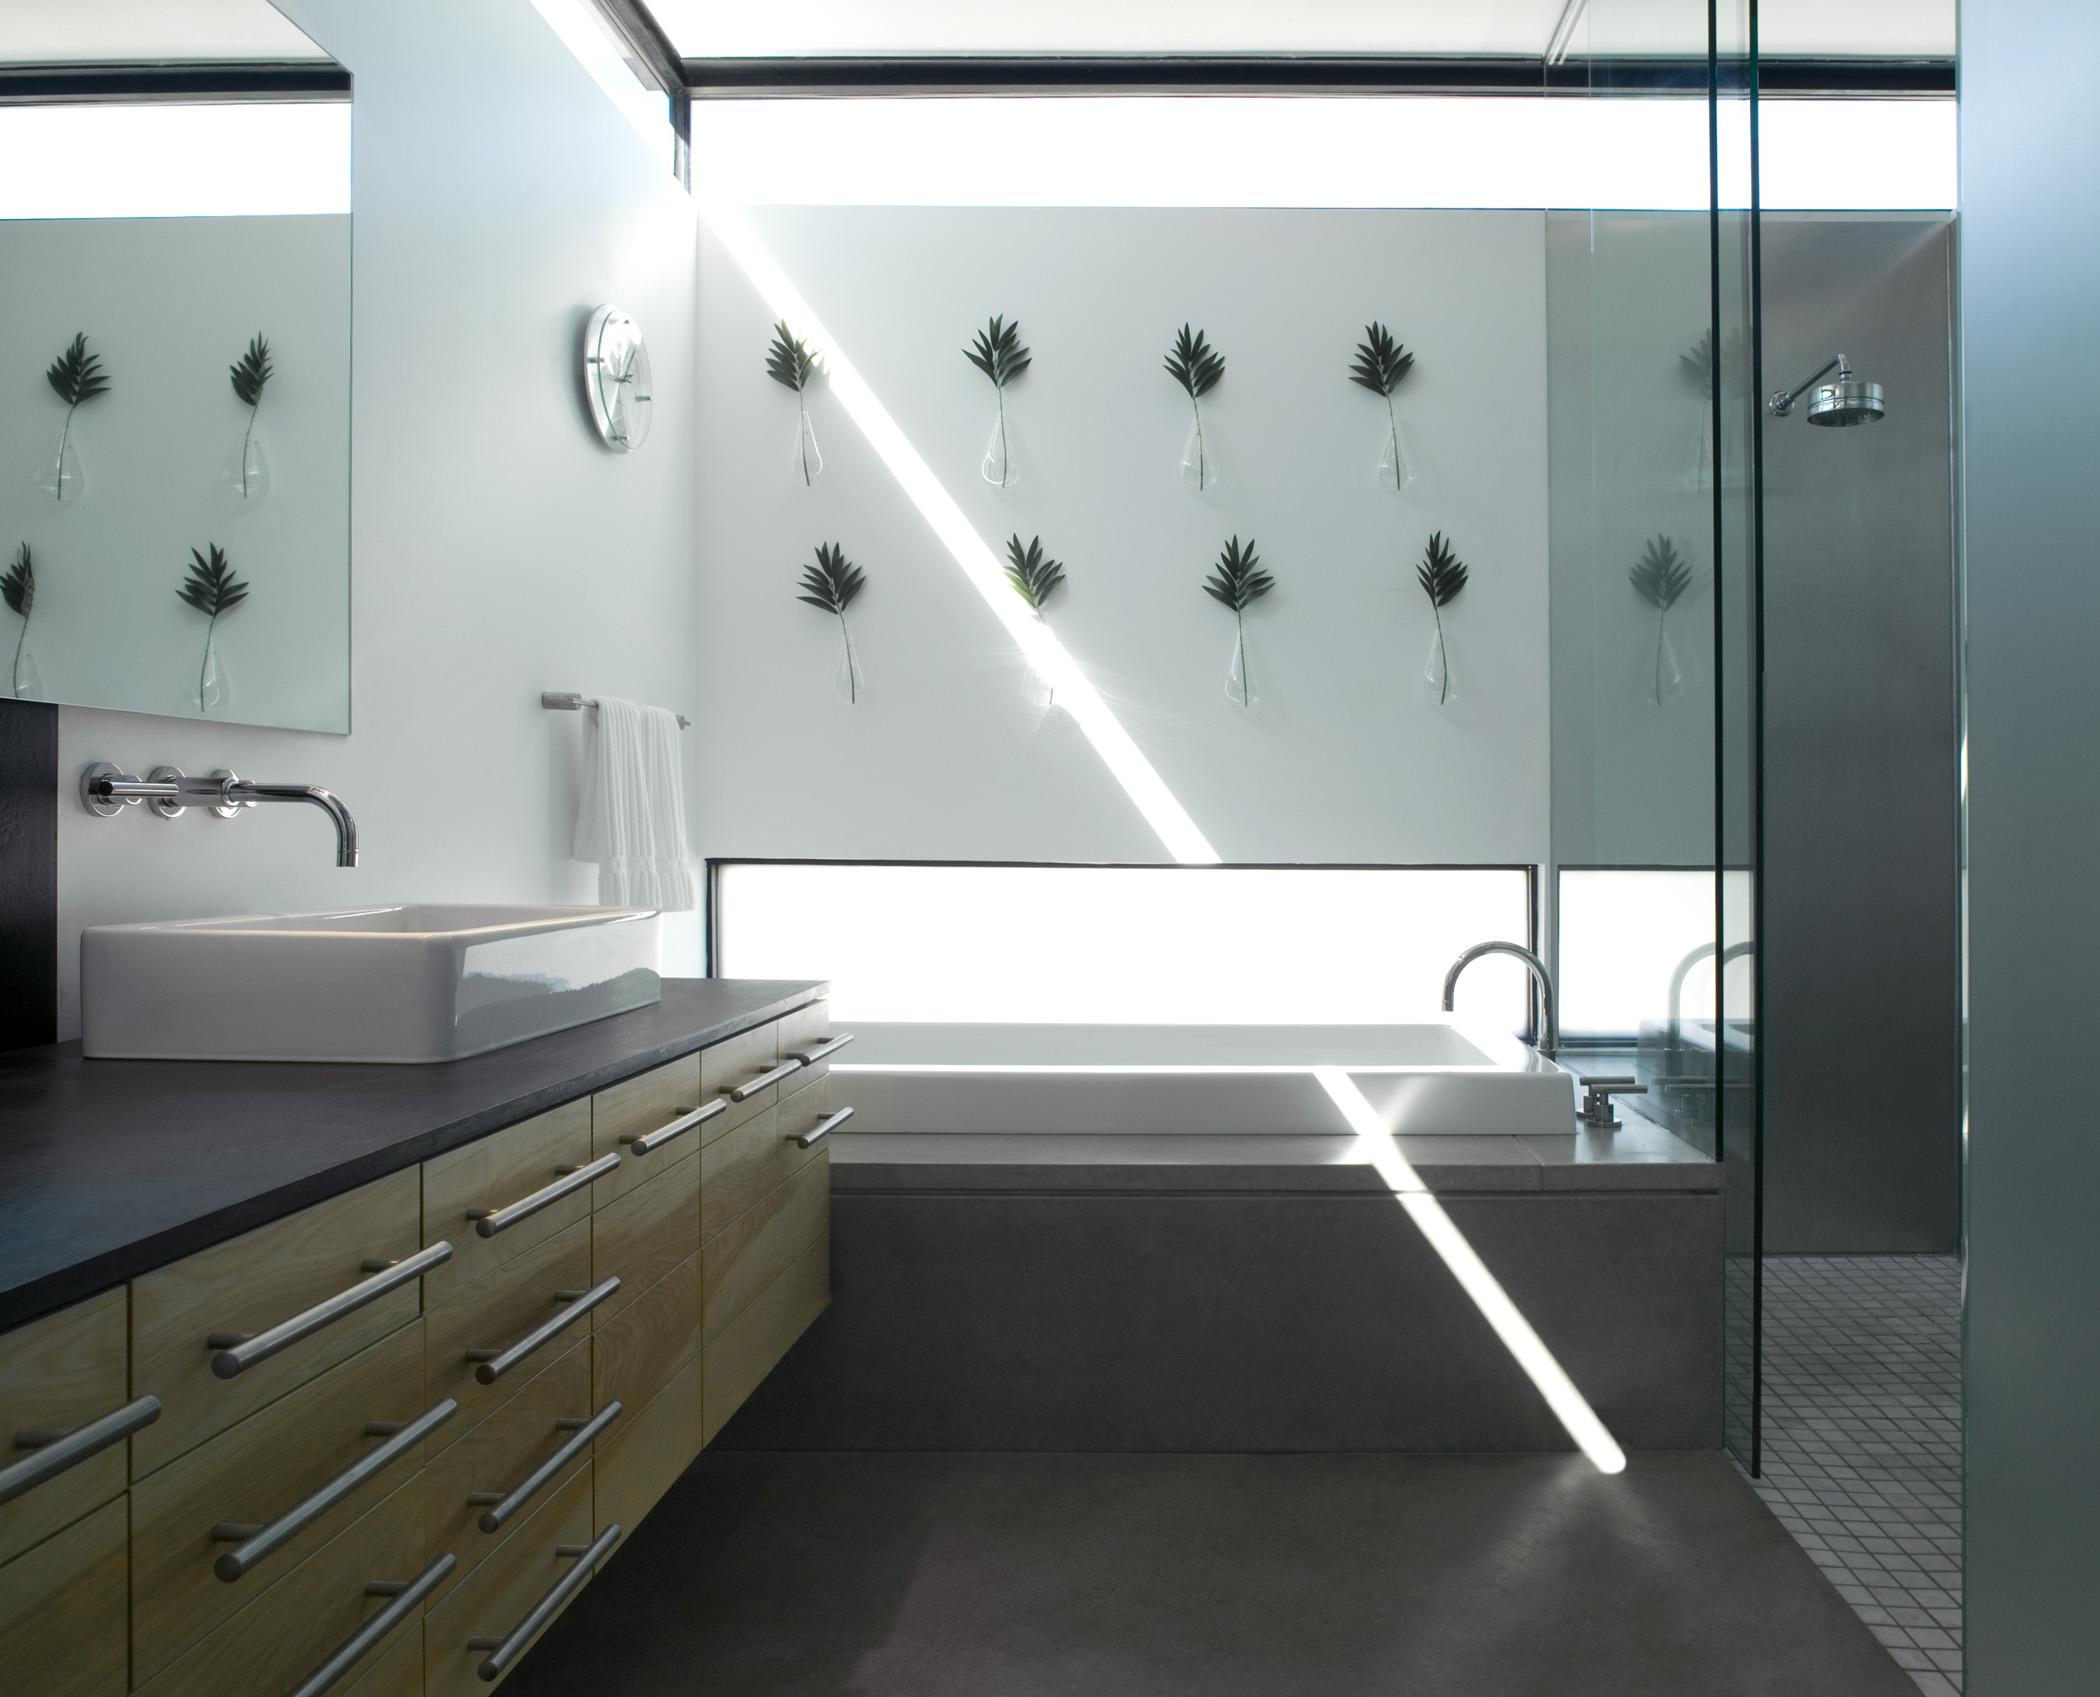 18 Chen + Suchart Studio LLC - Sosnowski Res Image.jpg